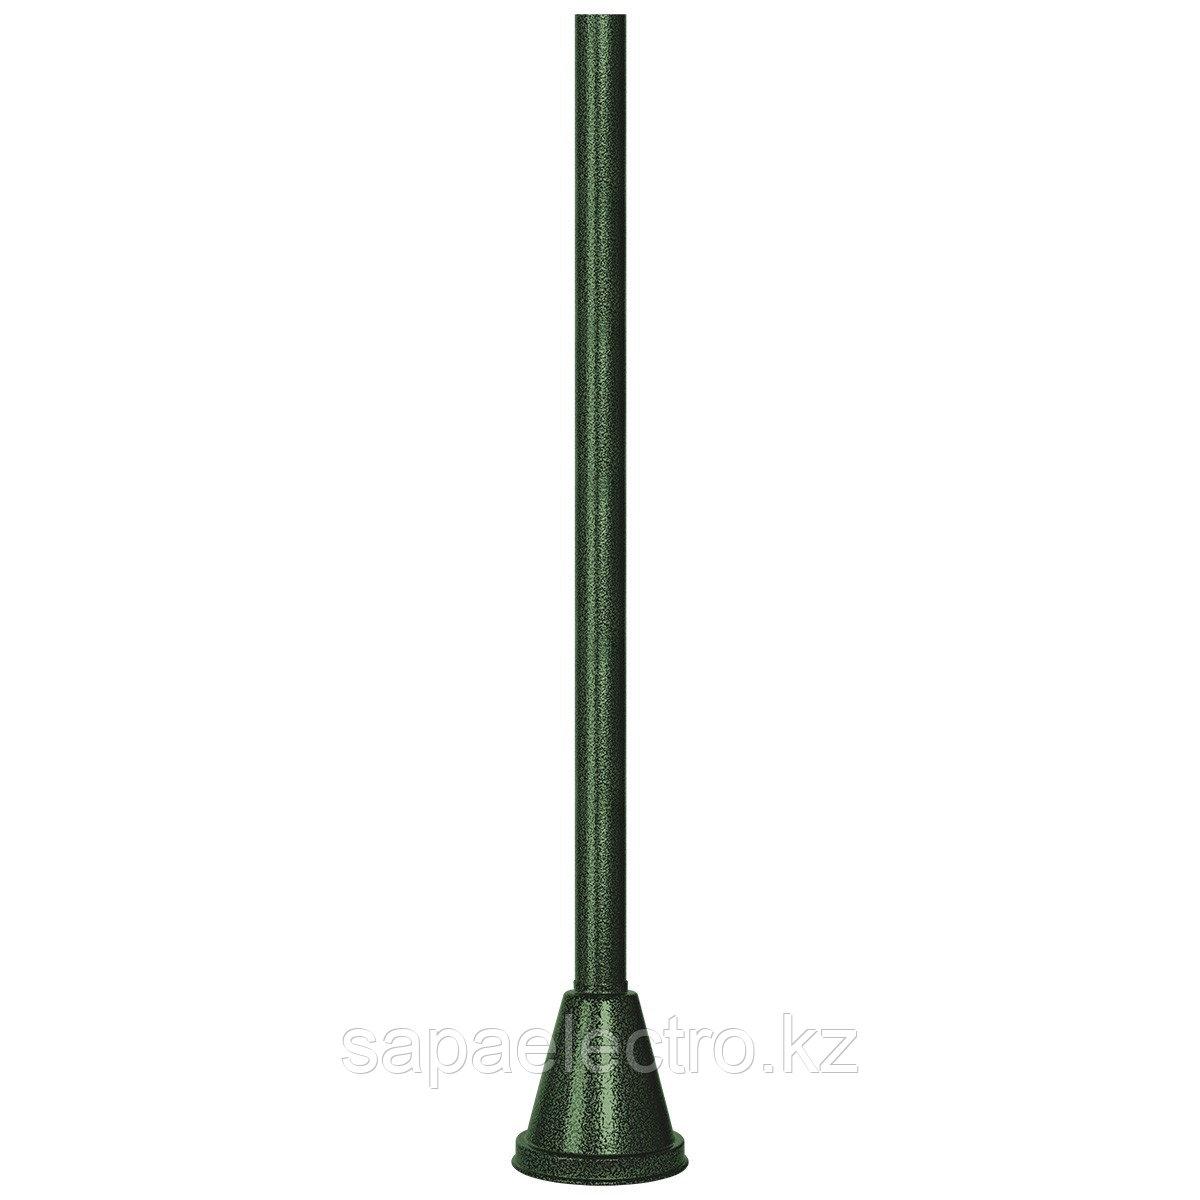 СТОЛБ ДЛЯ ОСВЕЩЕНИЯ GREEN D-60, H-1,2м Колпак+Крепл